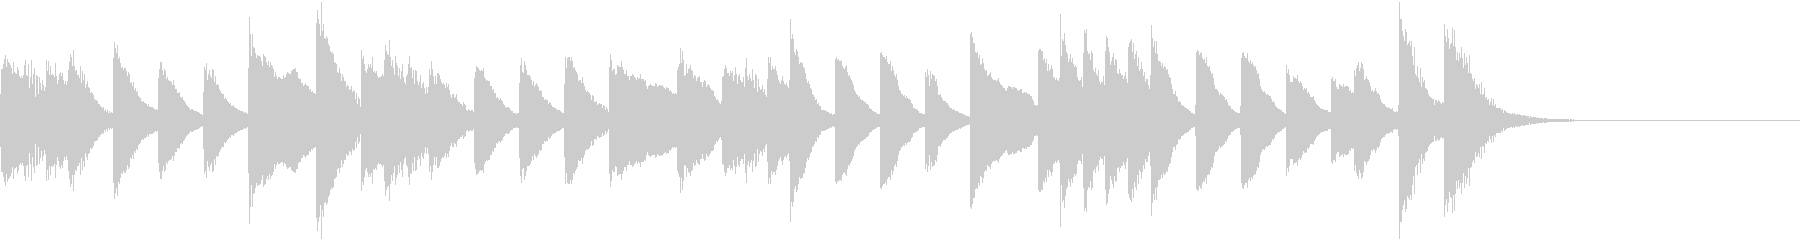 メロディ単体の情熱的ラテンピアノジングルの未再生の波形